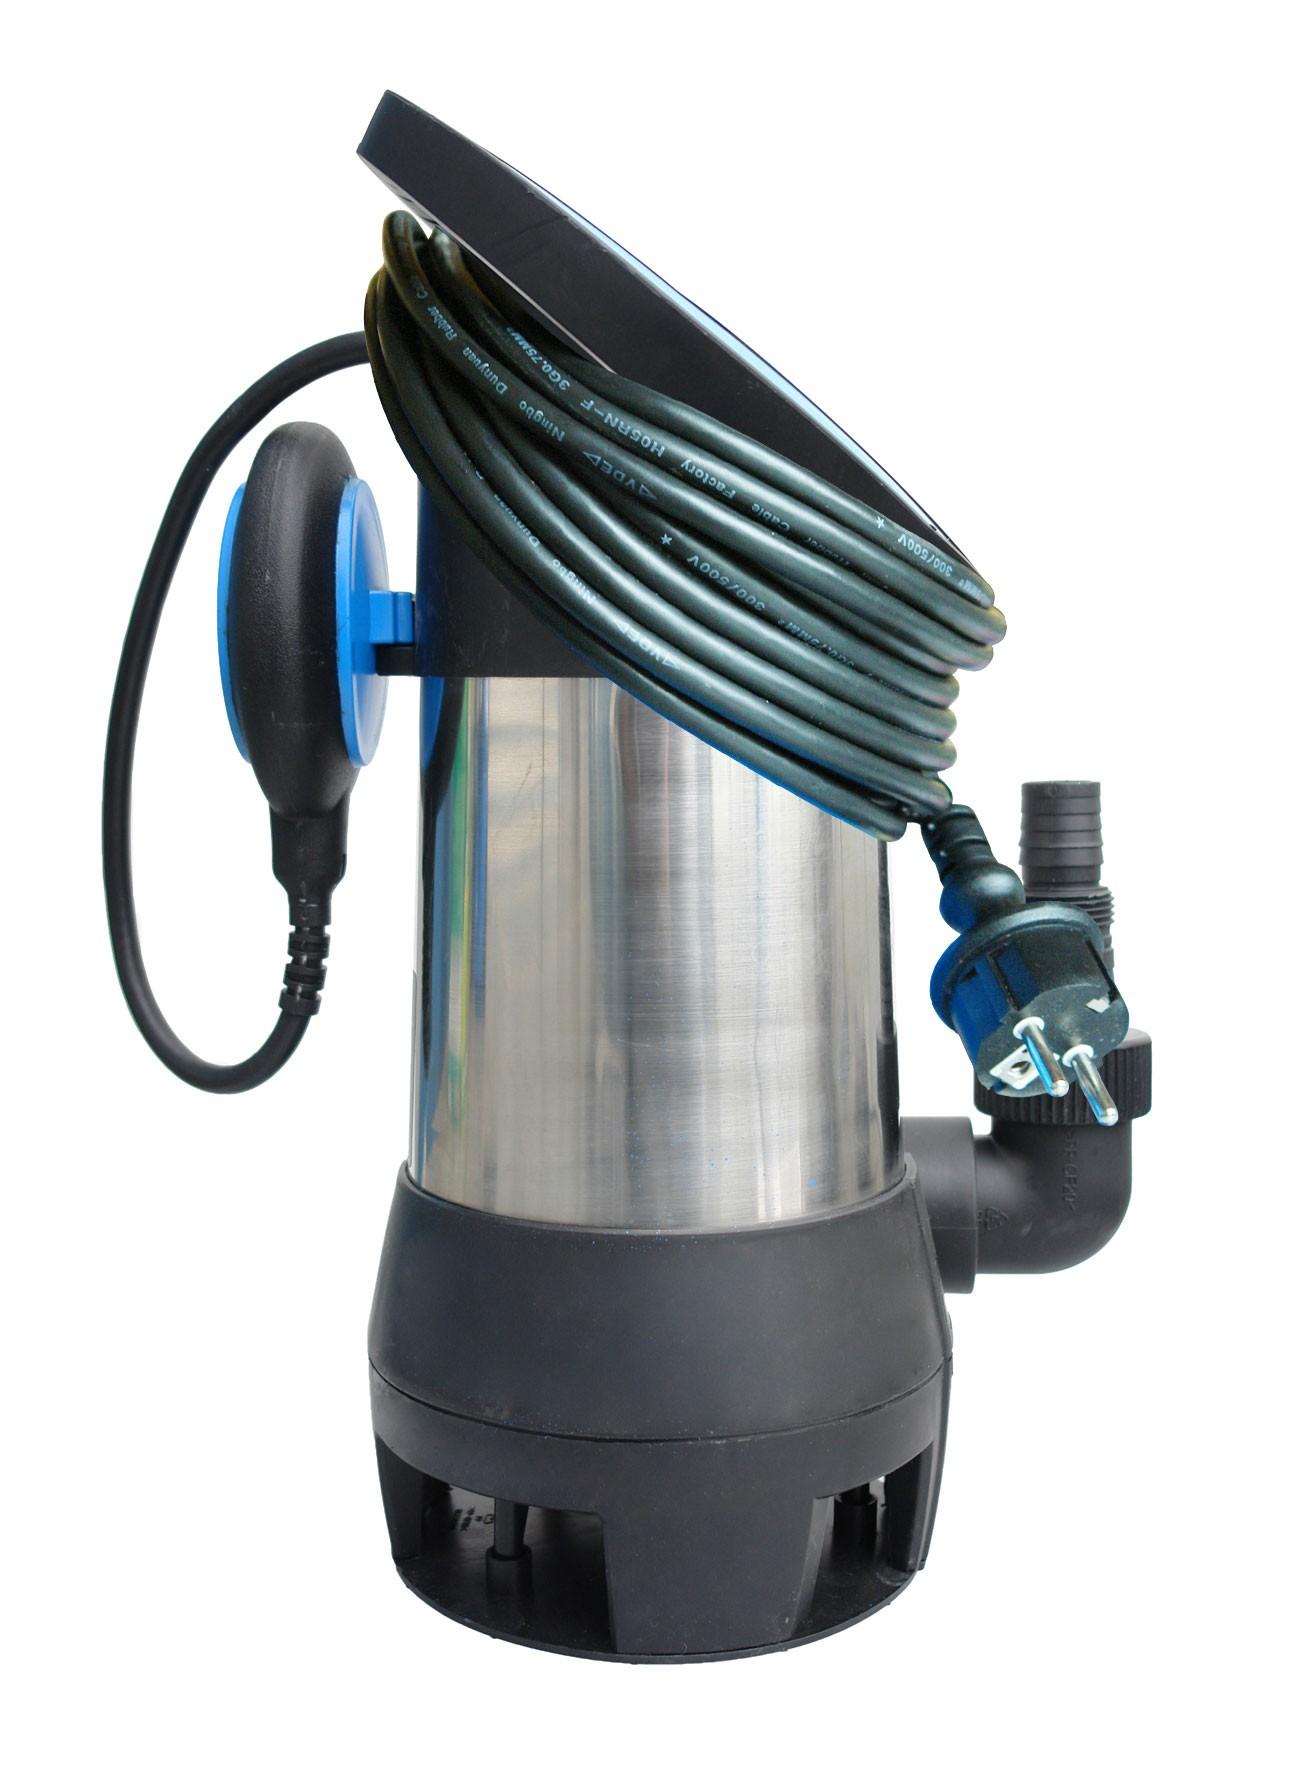 Güde Schmutzwasser Tauchpumpe GS 7501 I 750W Bild 2